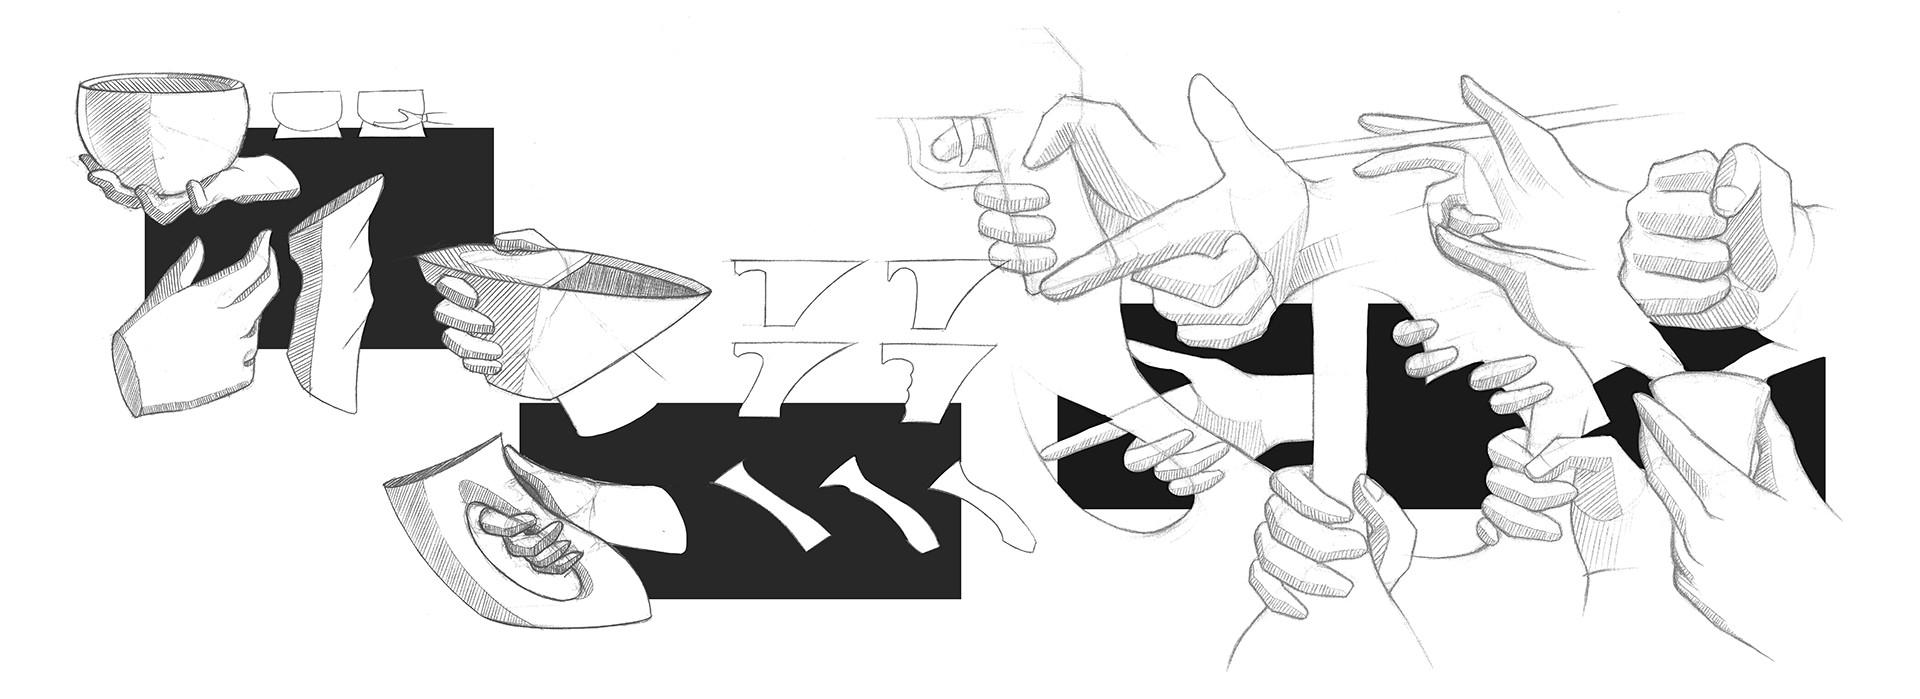 sketch hands.jpg